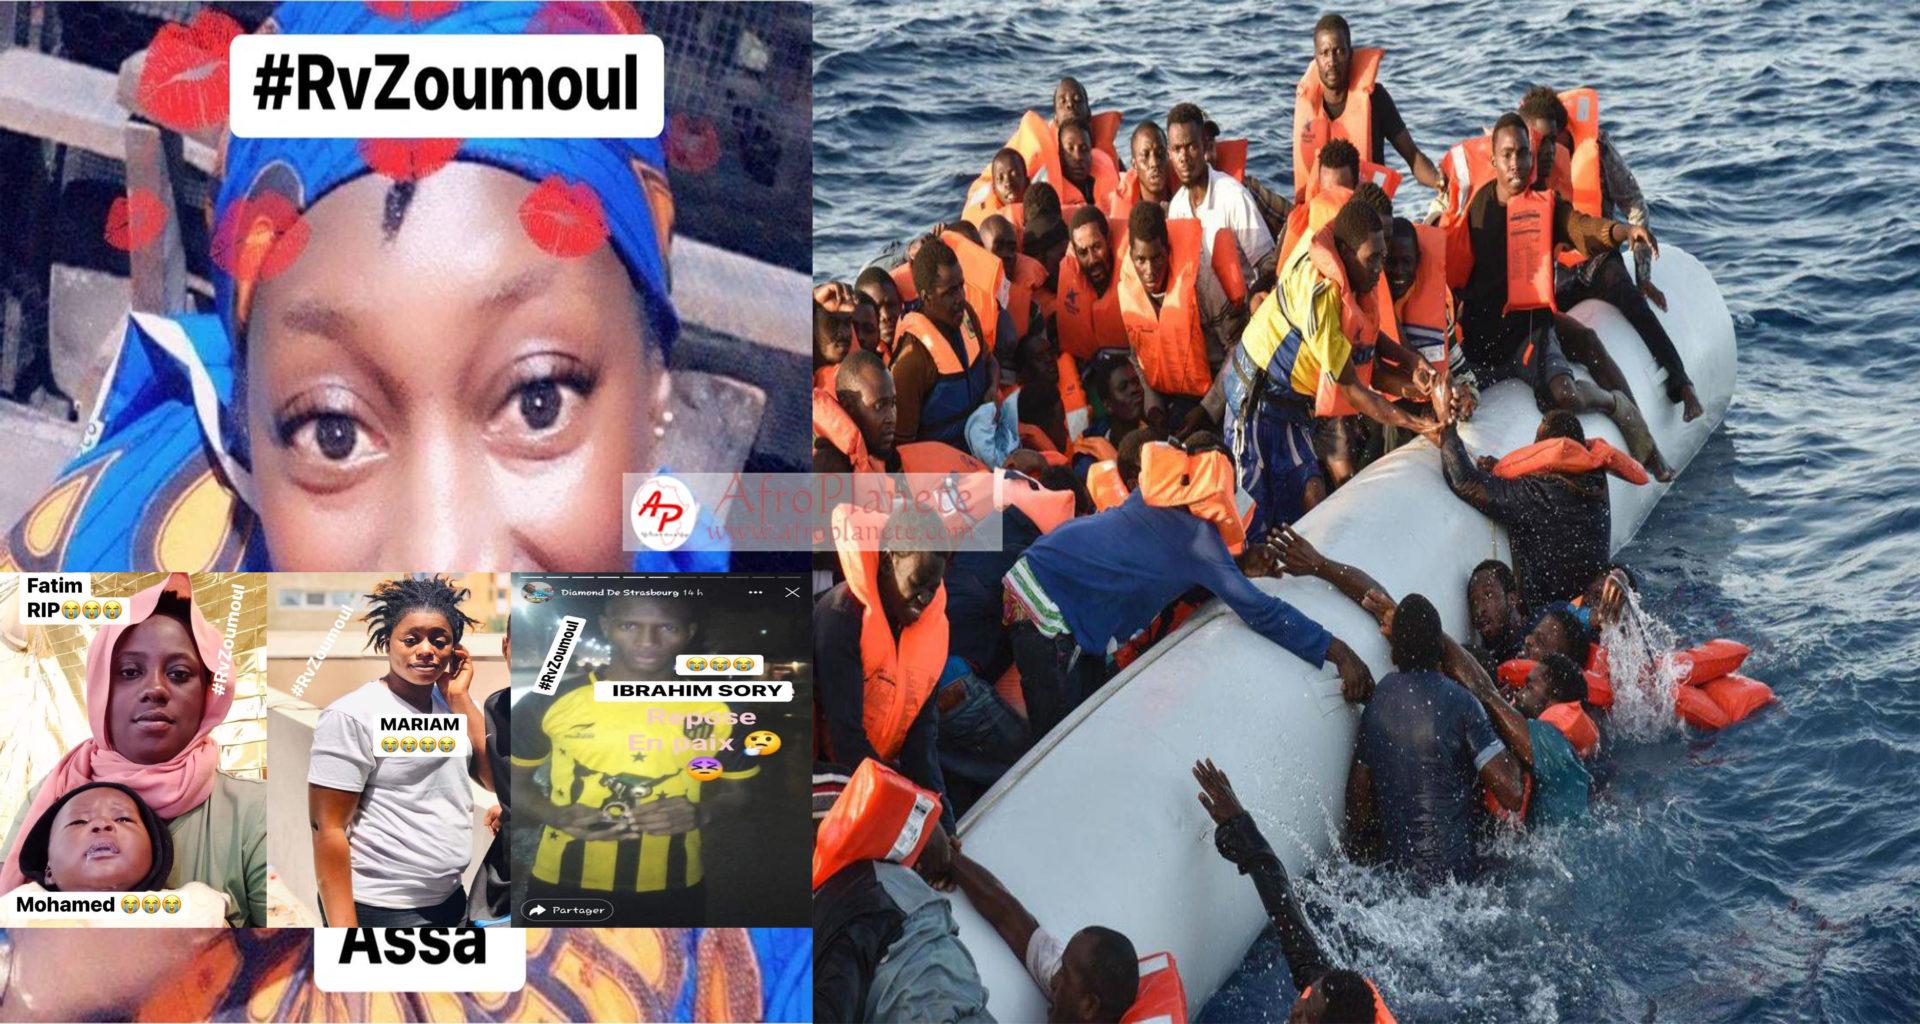 Selon Protégeons Les Migrants, Pas Les Frontières, 111 personnes seraient morts dans un naufrage aux larges de la Libye le dimanche 20 septembre.